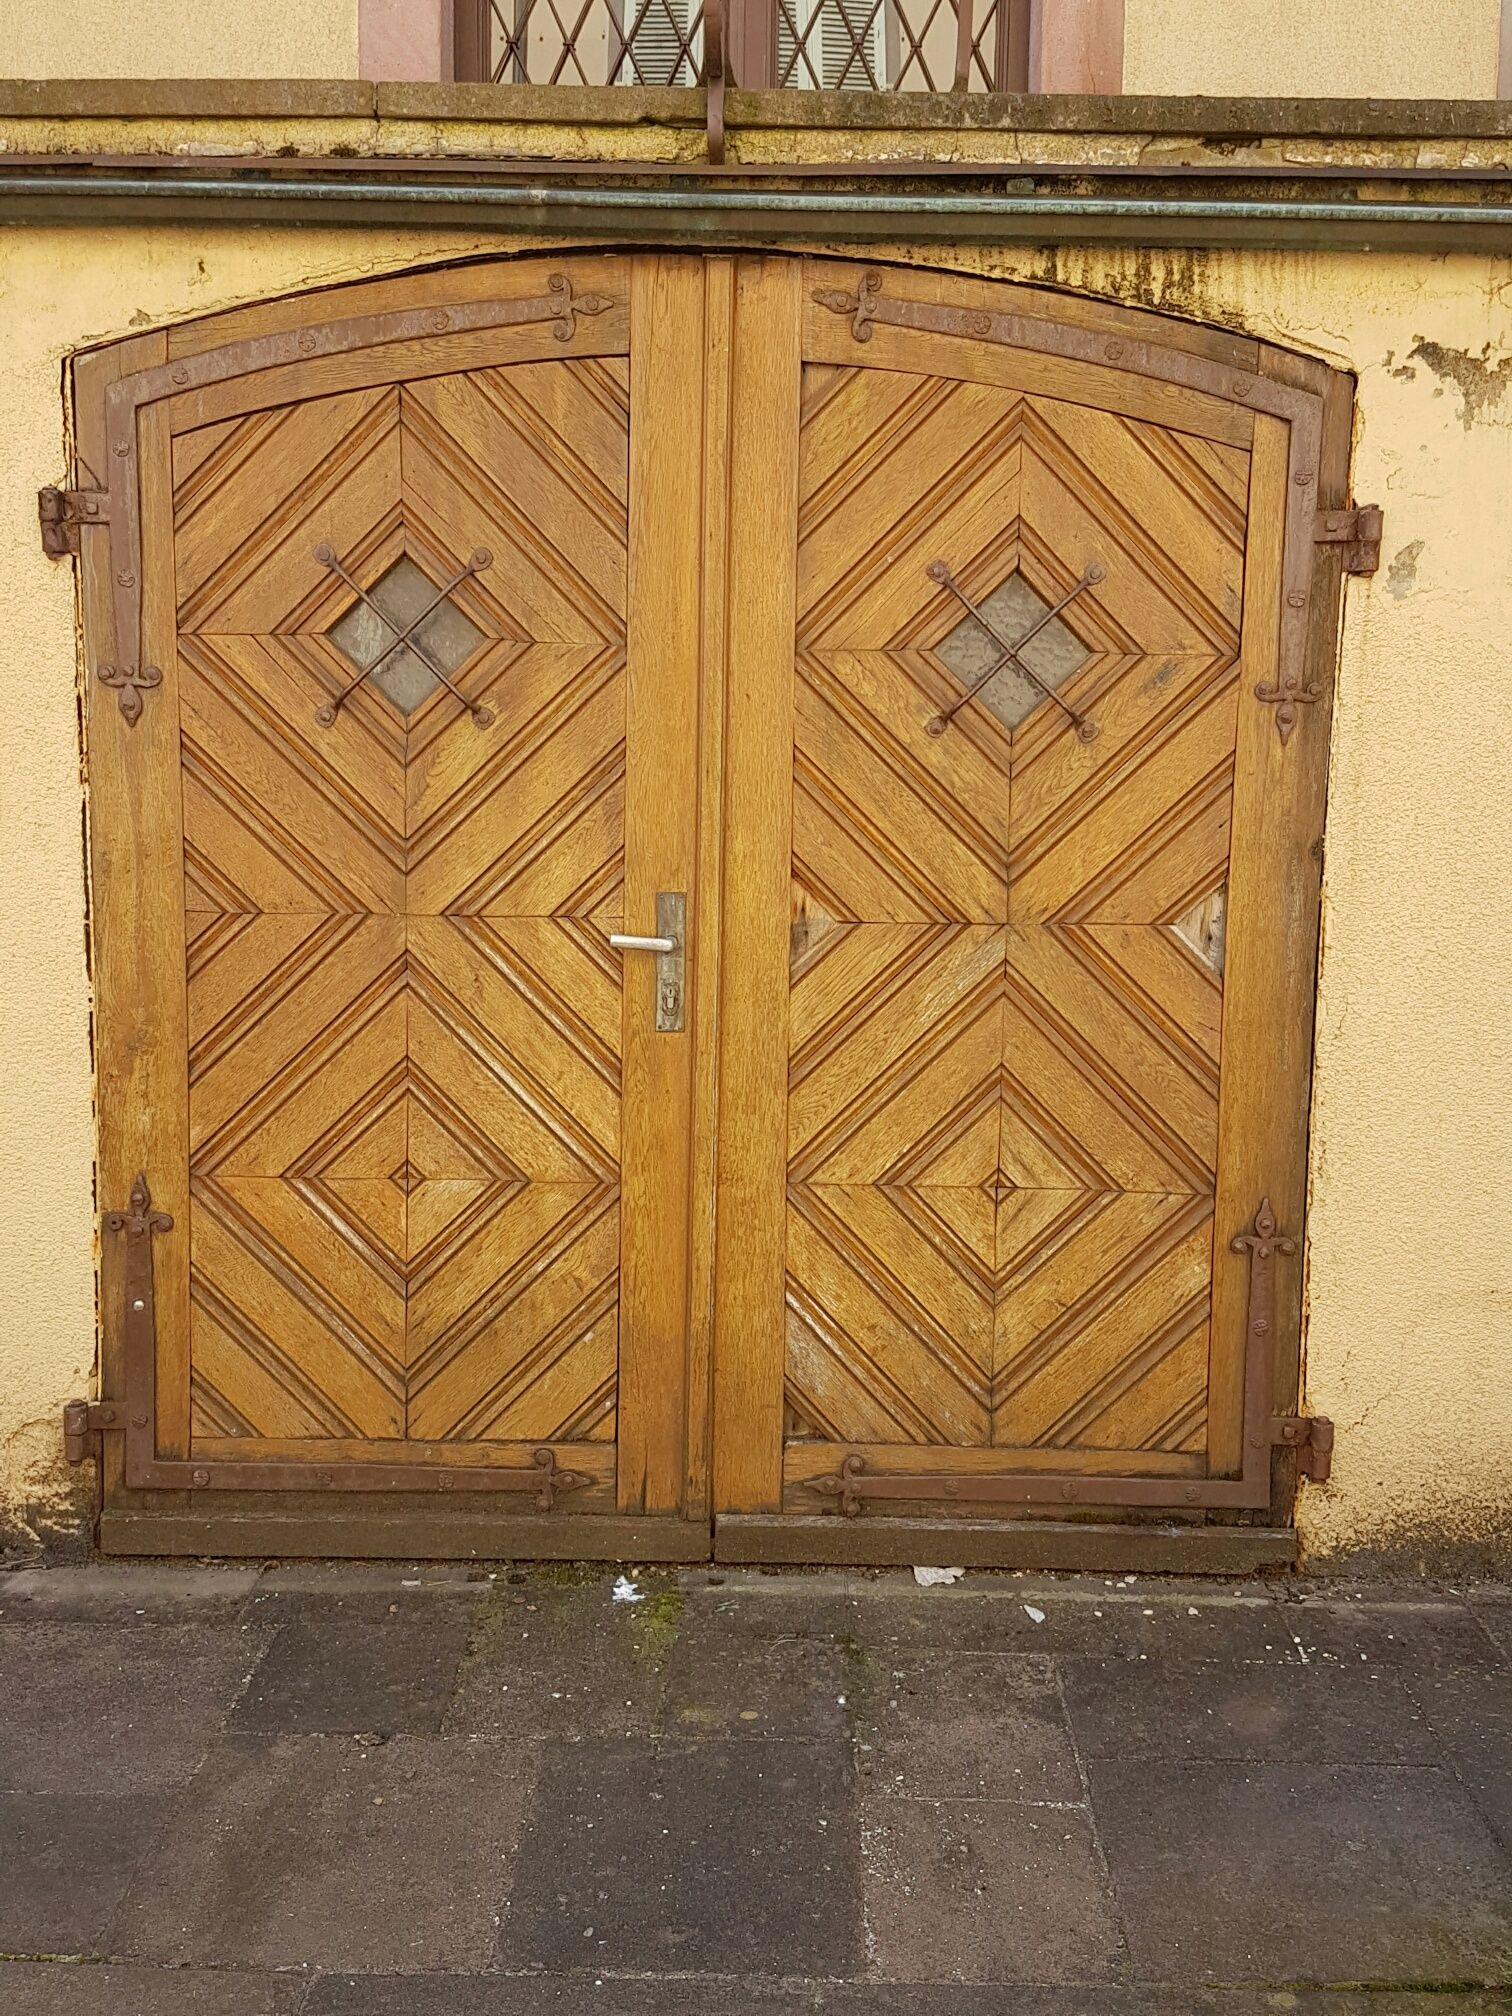 A kaleidoscope doors from France. #frenchdoors #antiquedoors #externalantiquedoors